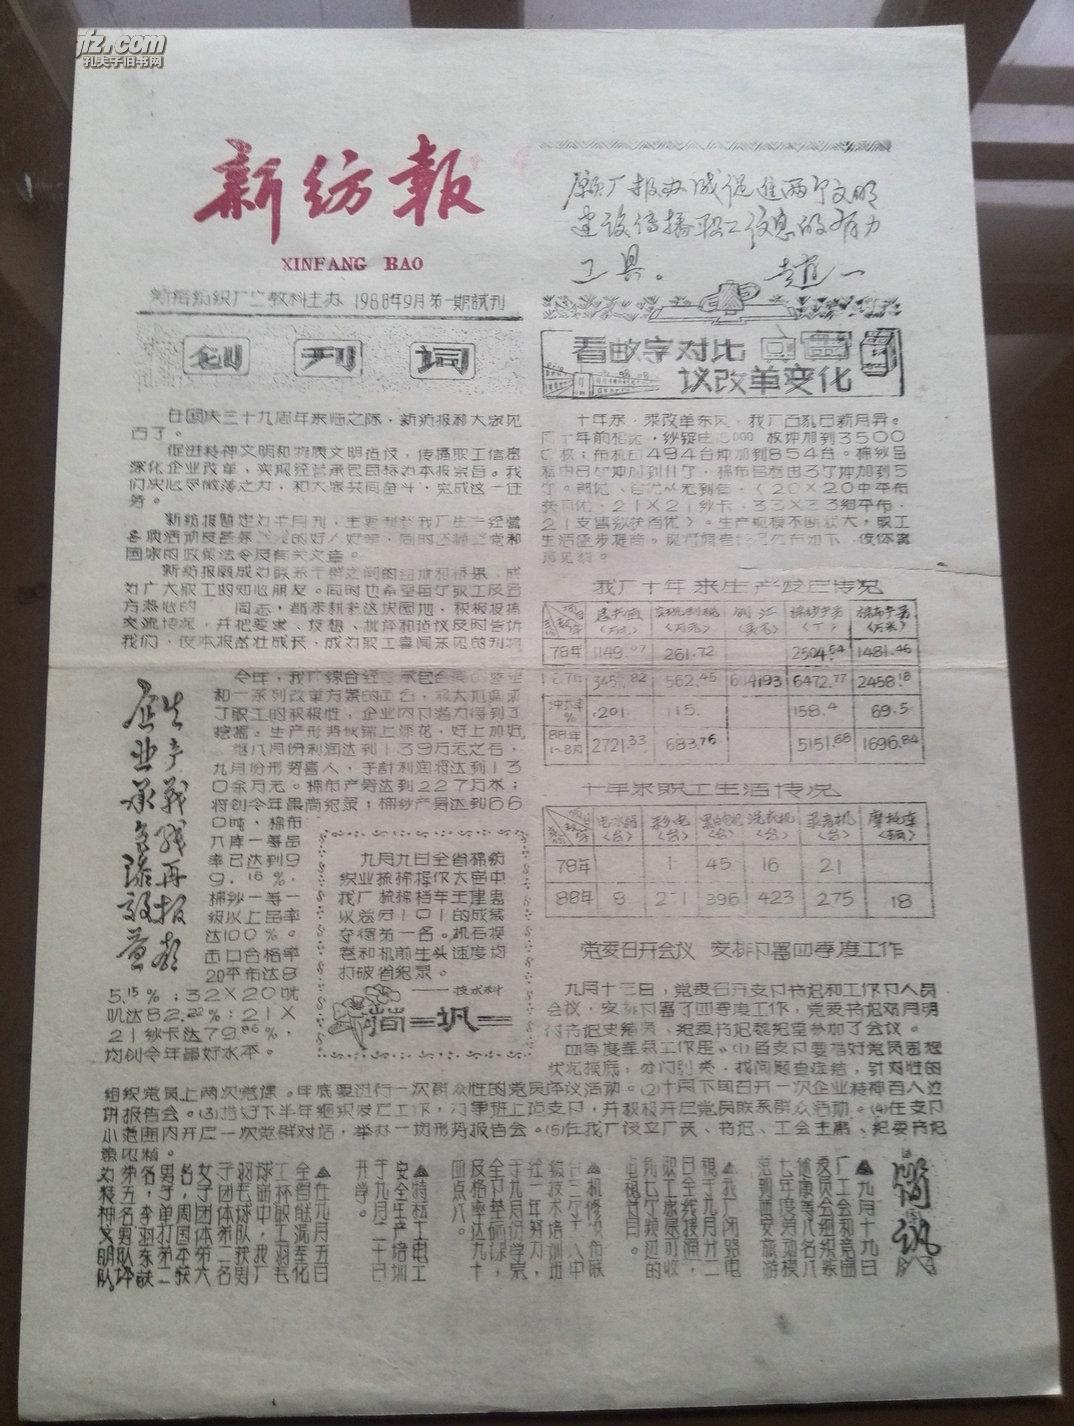 试刊号:新纺报88年(有创刊词)